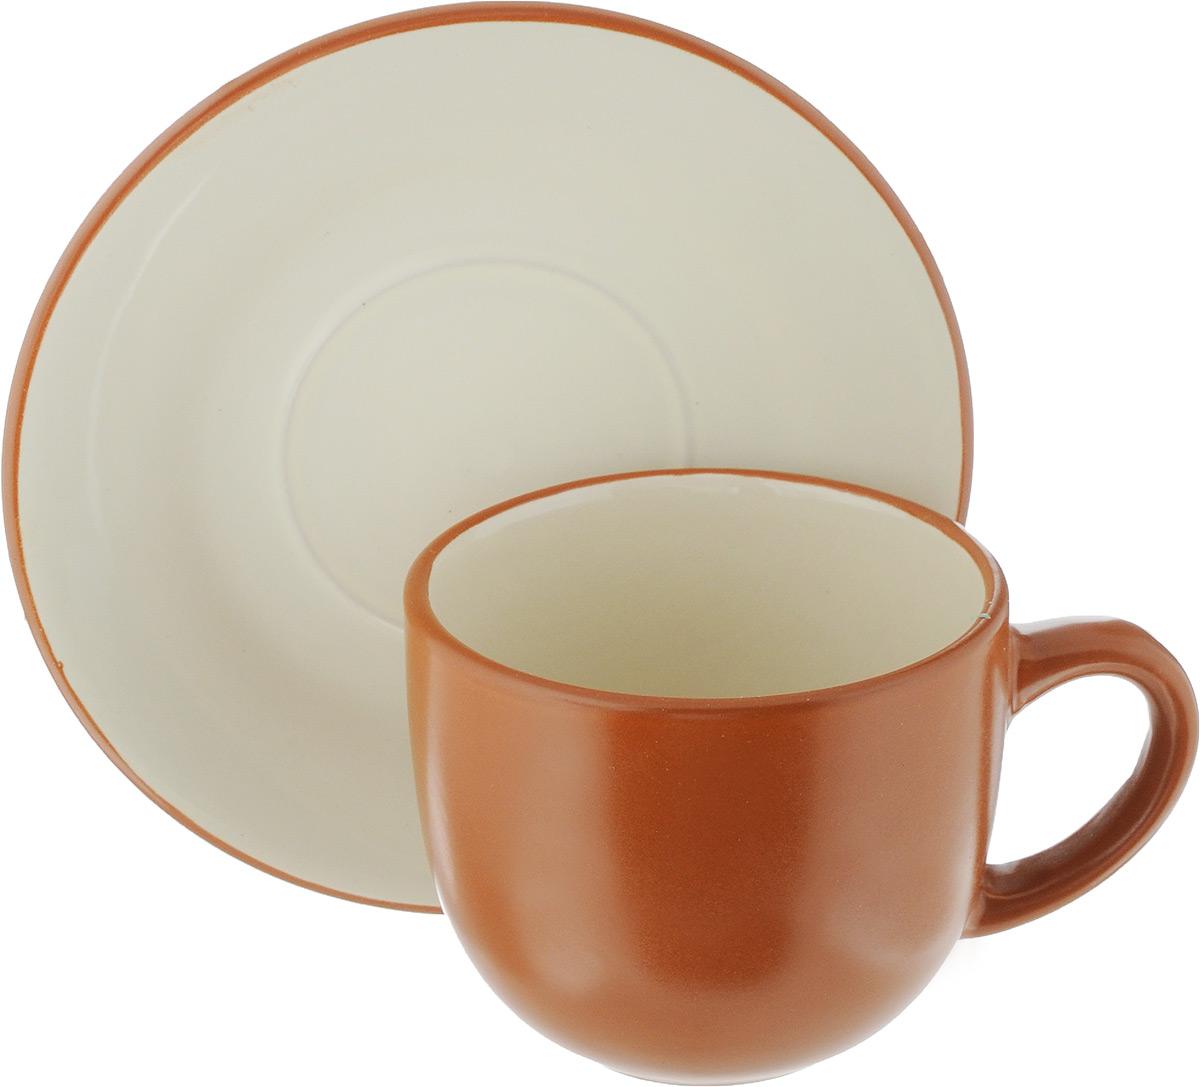 Чайная пара Ломоносовская керамика, 2 предмета. 1ЧП-220ТК115510Чайная пара Ломоносовская керамика состоит из чашки и блюдца. Изделия, выполненные из высококачественной глины с глазурованным покрытием, имеют элегантный дизайн. Такая чайная пара прекрасно подойдет как для повседневного использования, так и для праздников. Объем чашки: 200 мл. Диаметр чашки (по верхнему краю): 8,5 см. Высота чашки: 7 см.Диаметр блюдца: 14,5 см.Высота блюдца: 1,7 см.